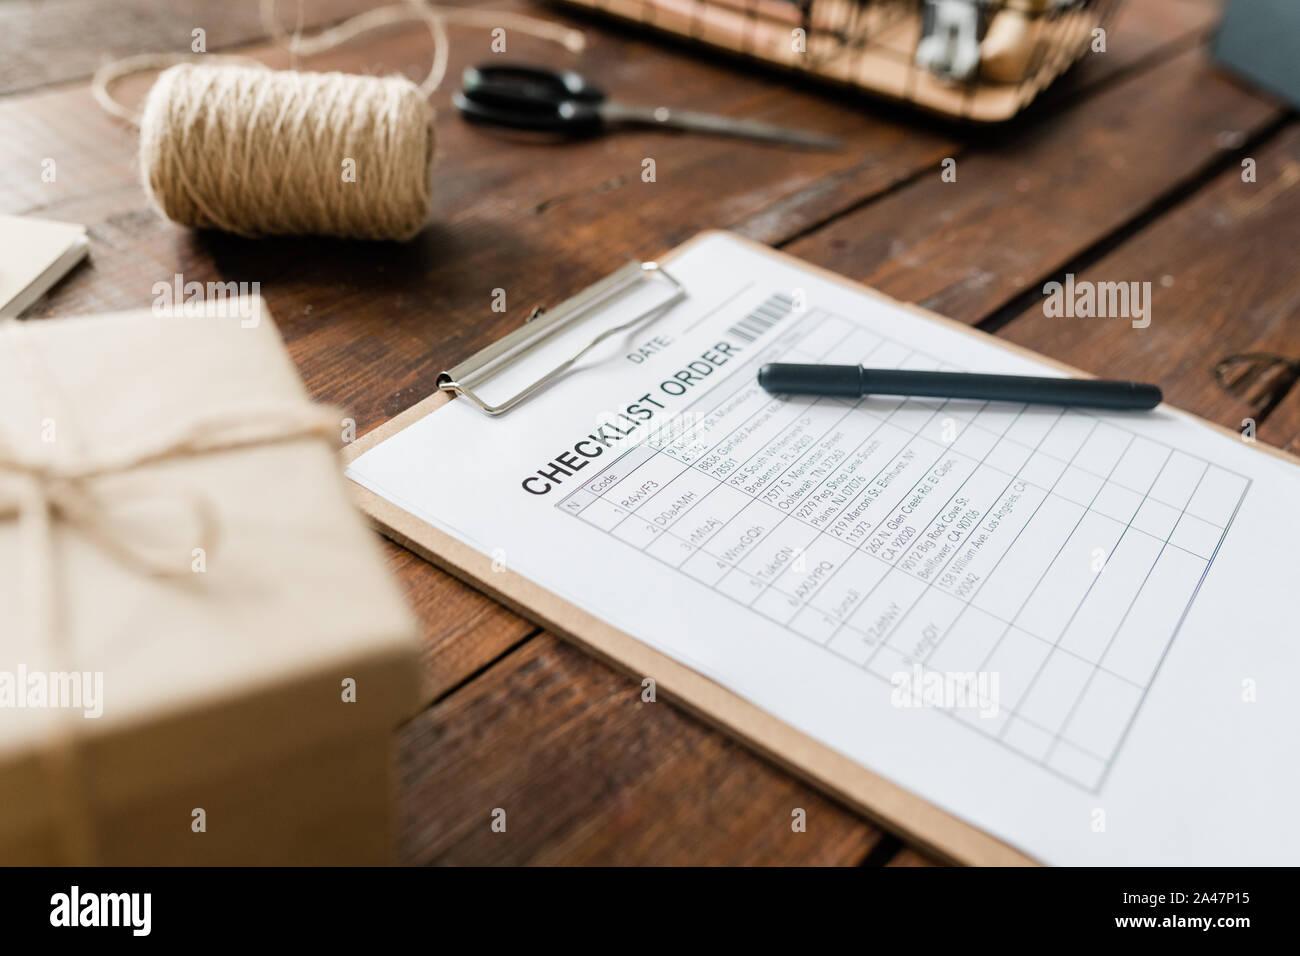 Zwischenablage mit Dokument und Pen, Spule mit Gewinde, verpackt, und andere Positionen Stockfoto